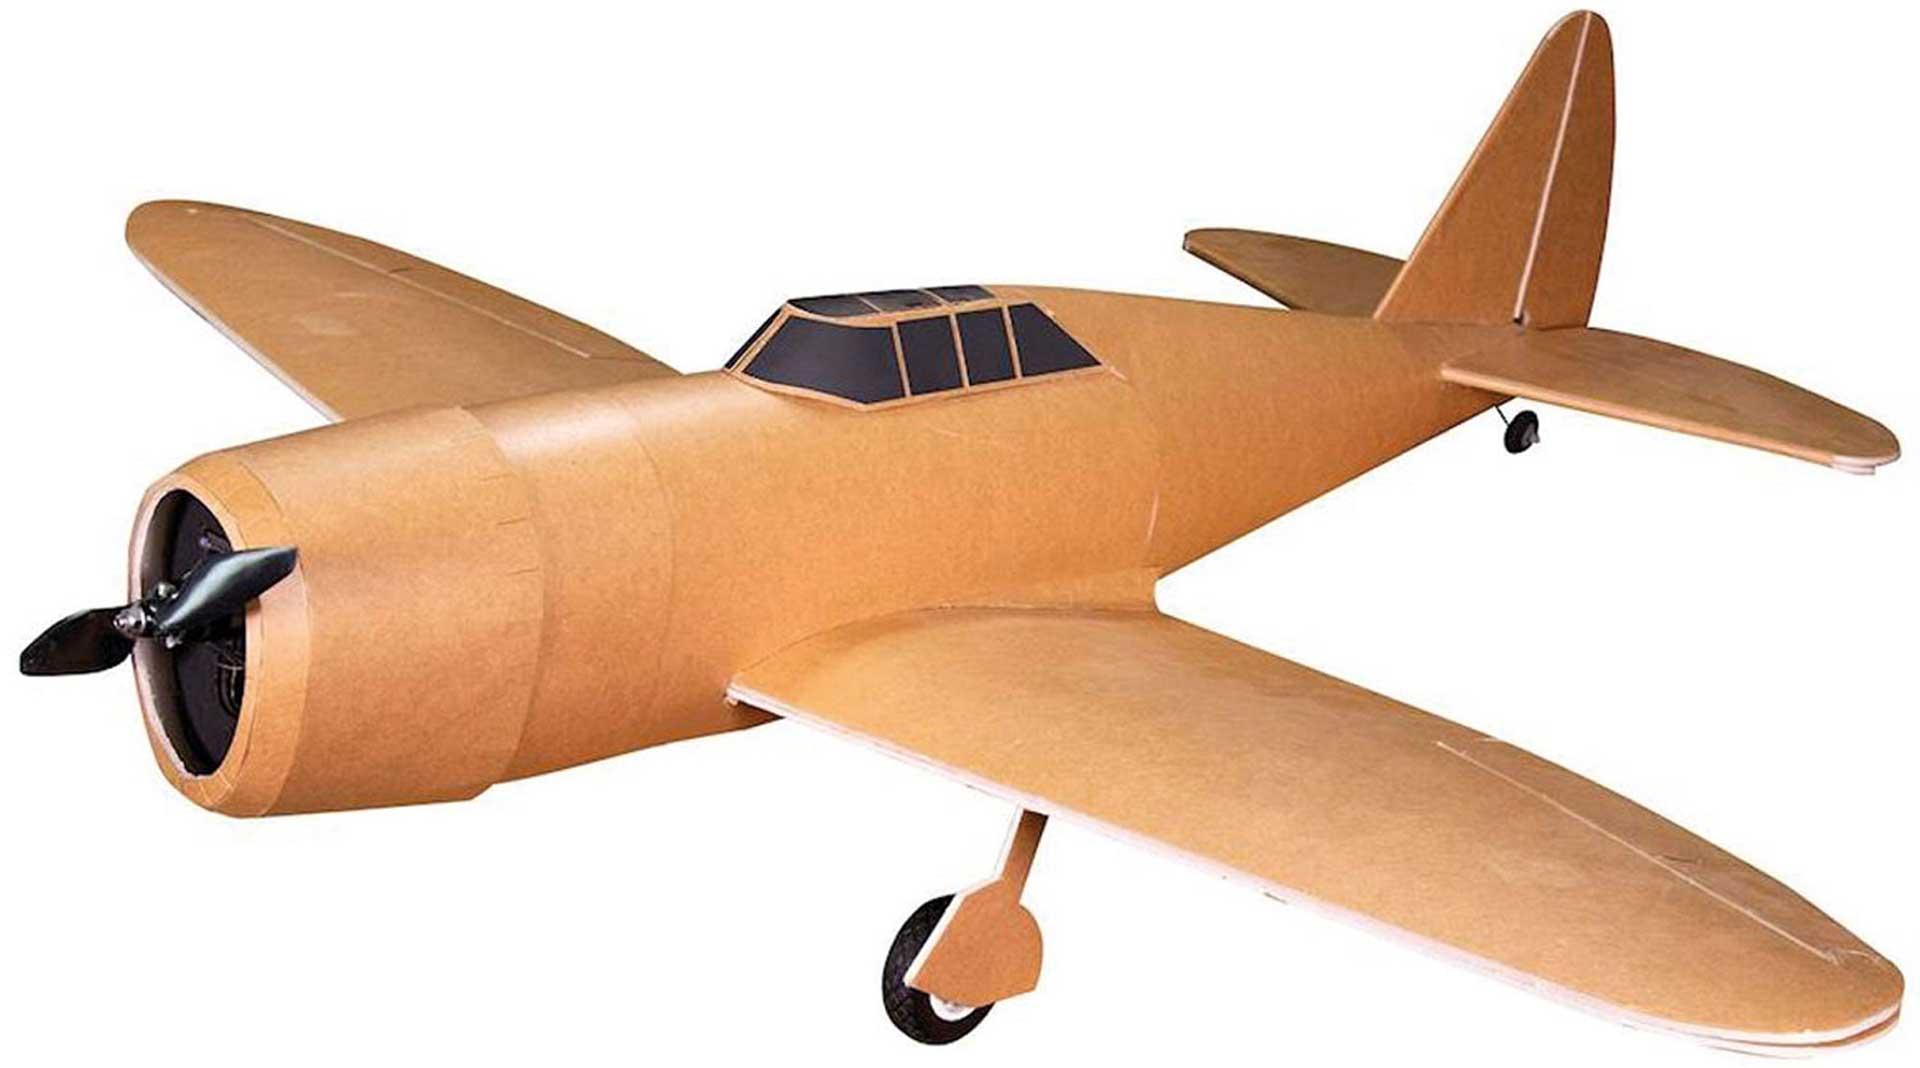 Flite Test FT P-47